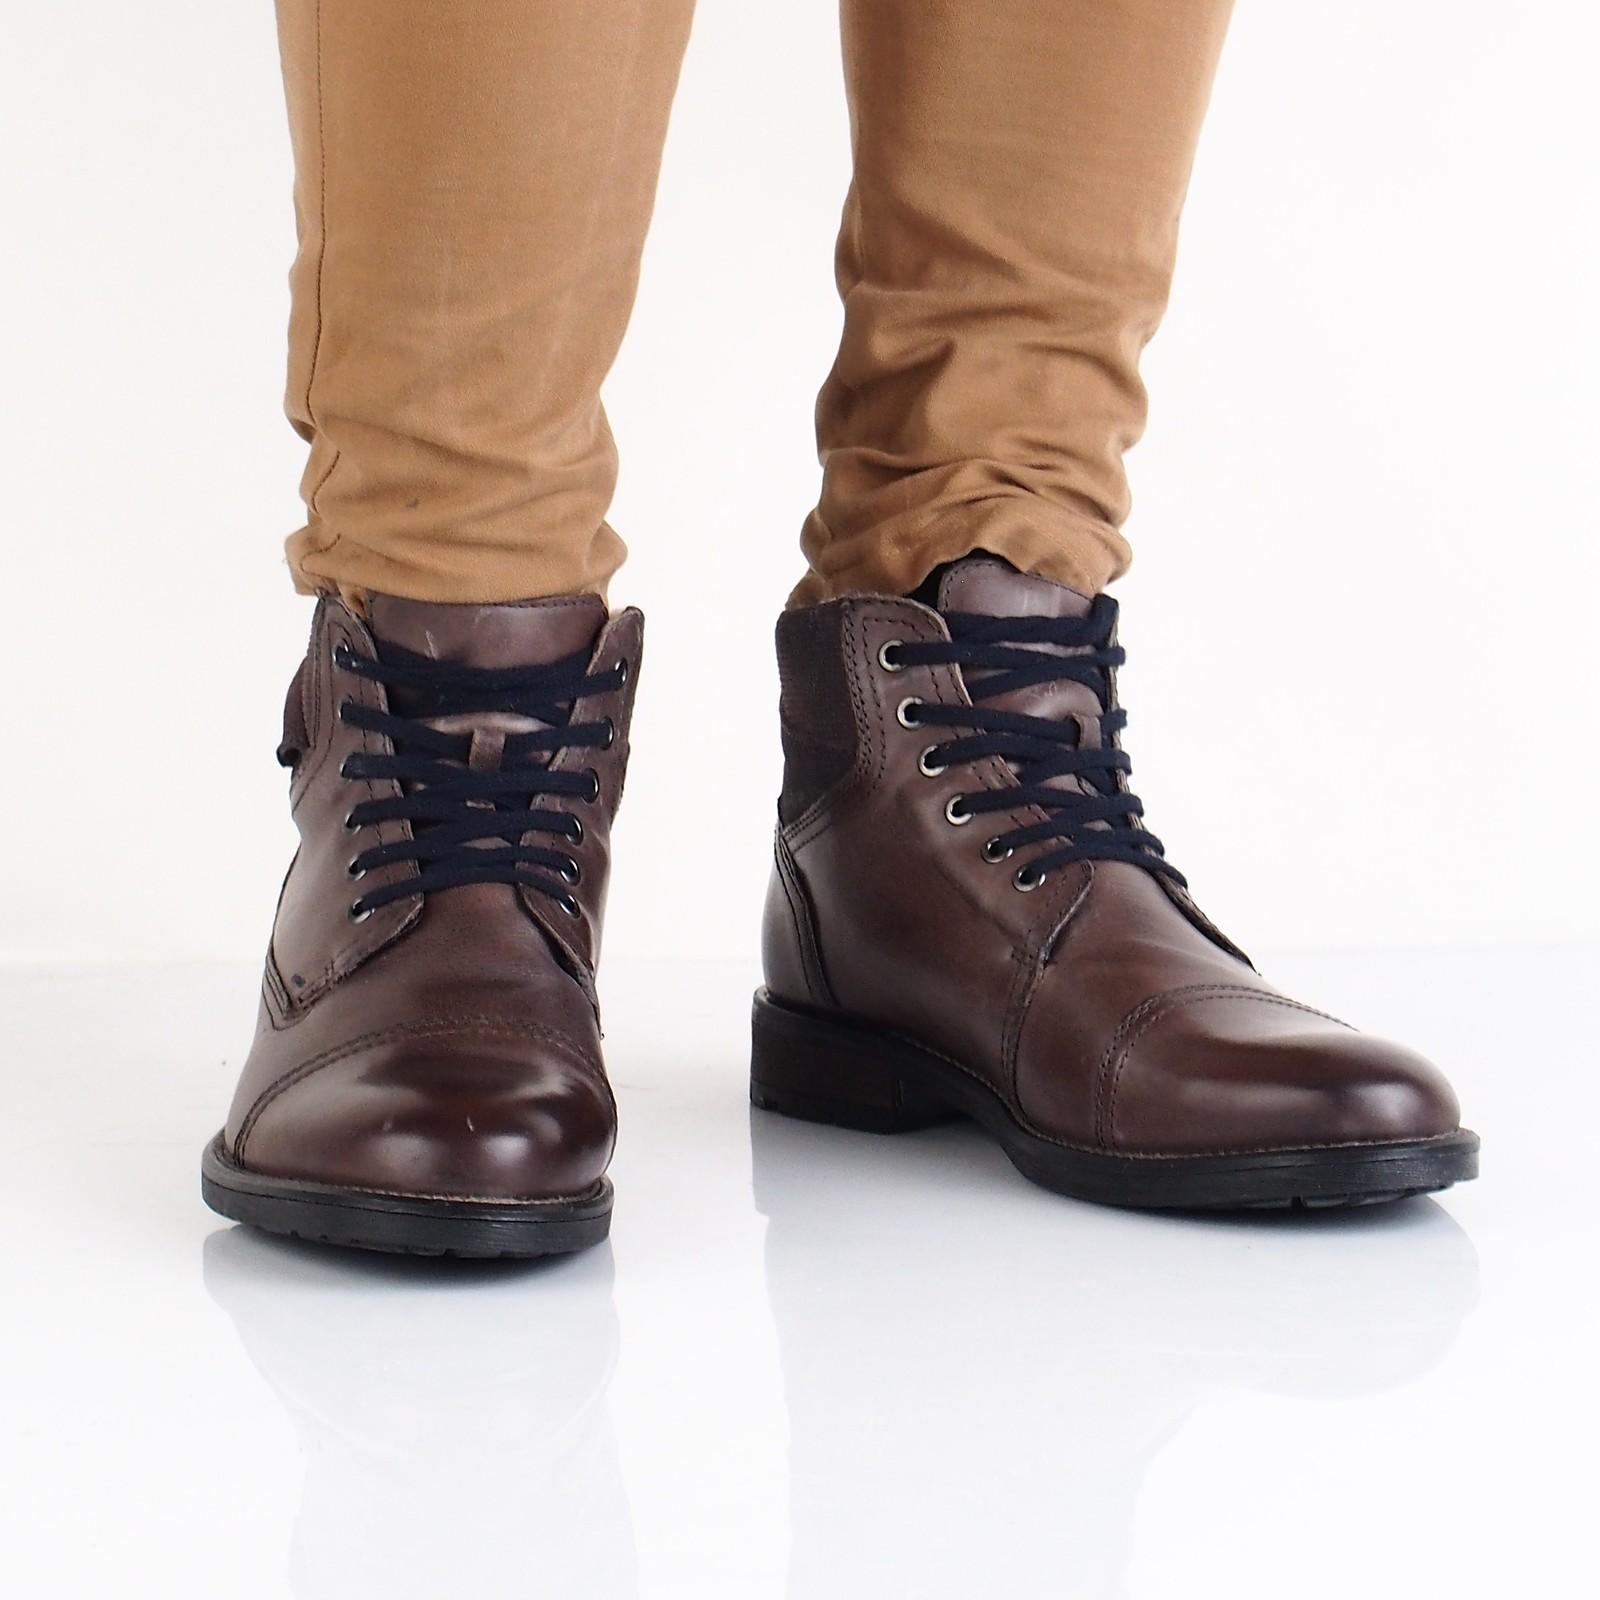 9b65af64c6 Klondike pánská kožená kotníková obuv - hnědá ...